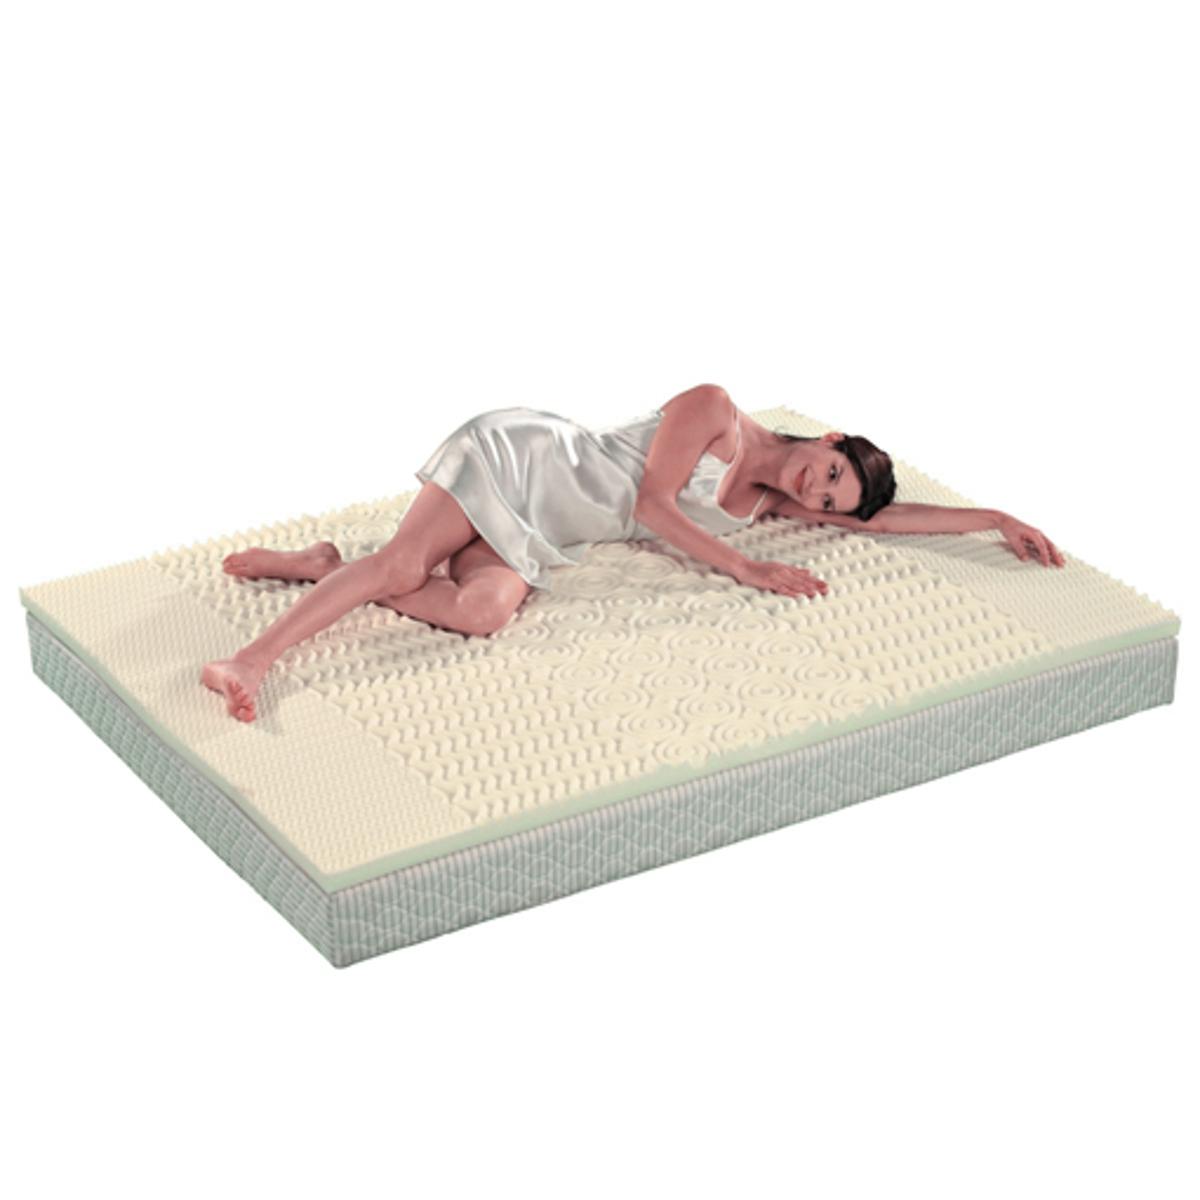 Наматрасник анатомический из пенополистиролаАнатомический наматрасник компенсирует недостатки излишне твердого или уже старого матраса для еще более комфортного сна.Описание наматрасника :Комфортный наматрасник из 100% пенополистирола (плотность 24 кг/м?)Высота 4 смХарактеристики наматрасника :5 зон поддержки головы, плеч, спины, ног и ступней - идеальное положение тела.Откройте для себя нашу коллекцию постельных принадлежностей на сайте laredoute.ru<br><br>Цвет: желтый